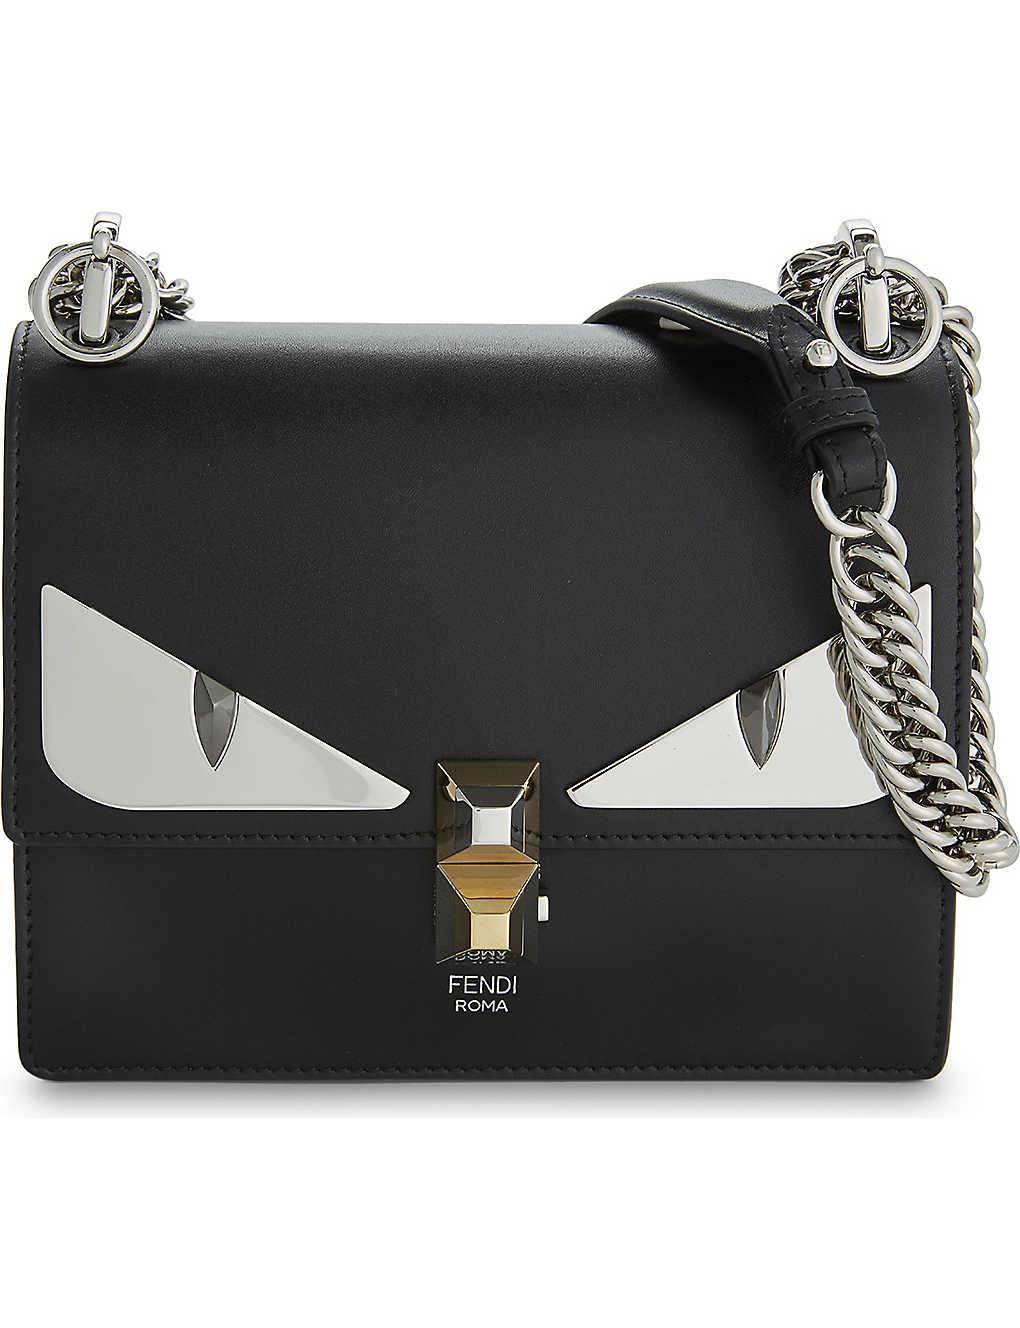 64dda05eb33f FENDI - Kan I monster leather shoulder bag